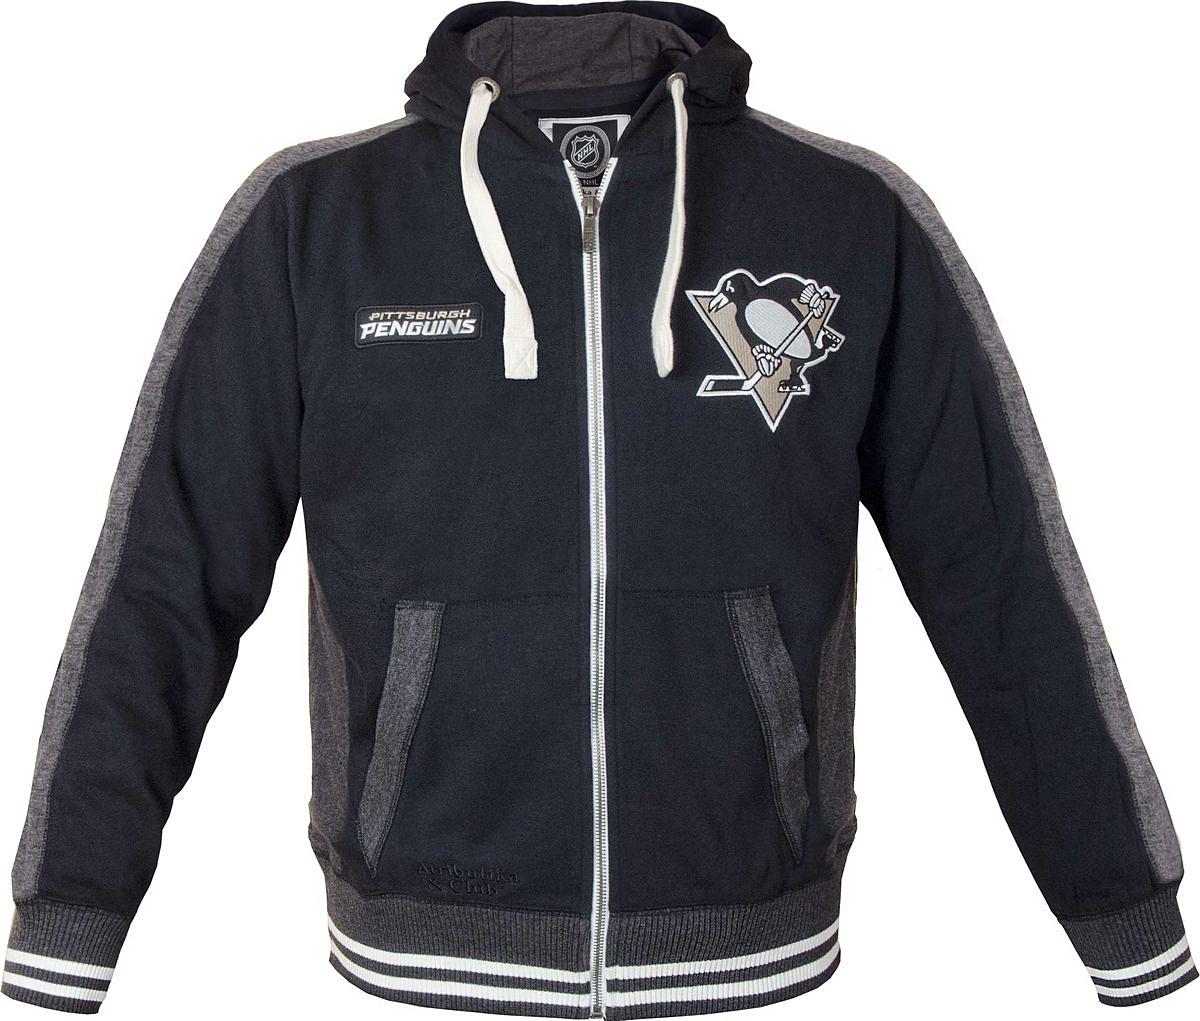 Толстовка мужская Atributika & Club Pittsburgh Penguins, цвет: черный. 35550. Размер XL (52/54) рюкзак atributika & club pittsburgh penguins цвет черный 25 л 58055